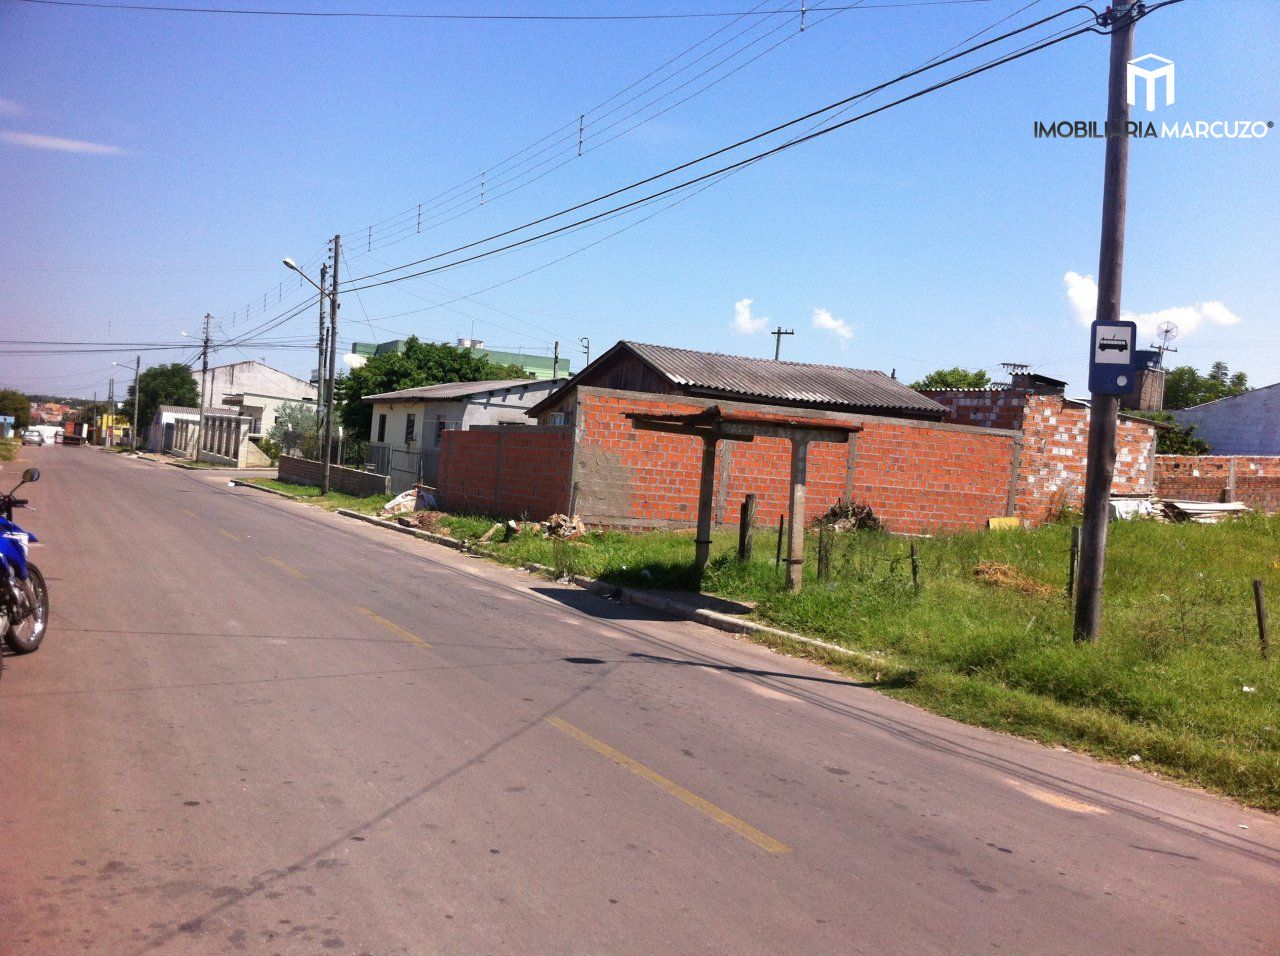 Terreno/Lote à venda, 800 m² por R$ 650.000,00